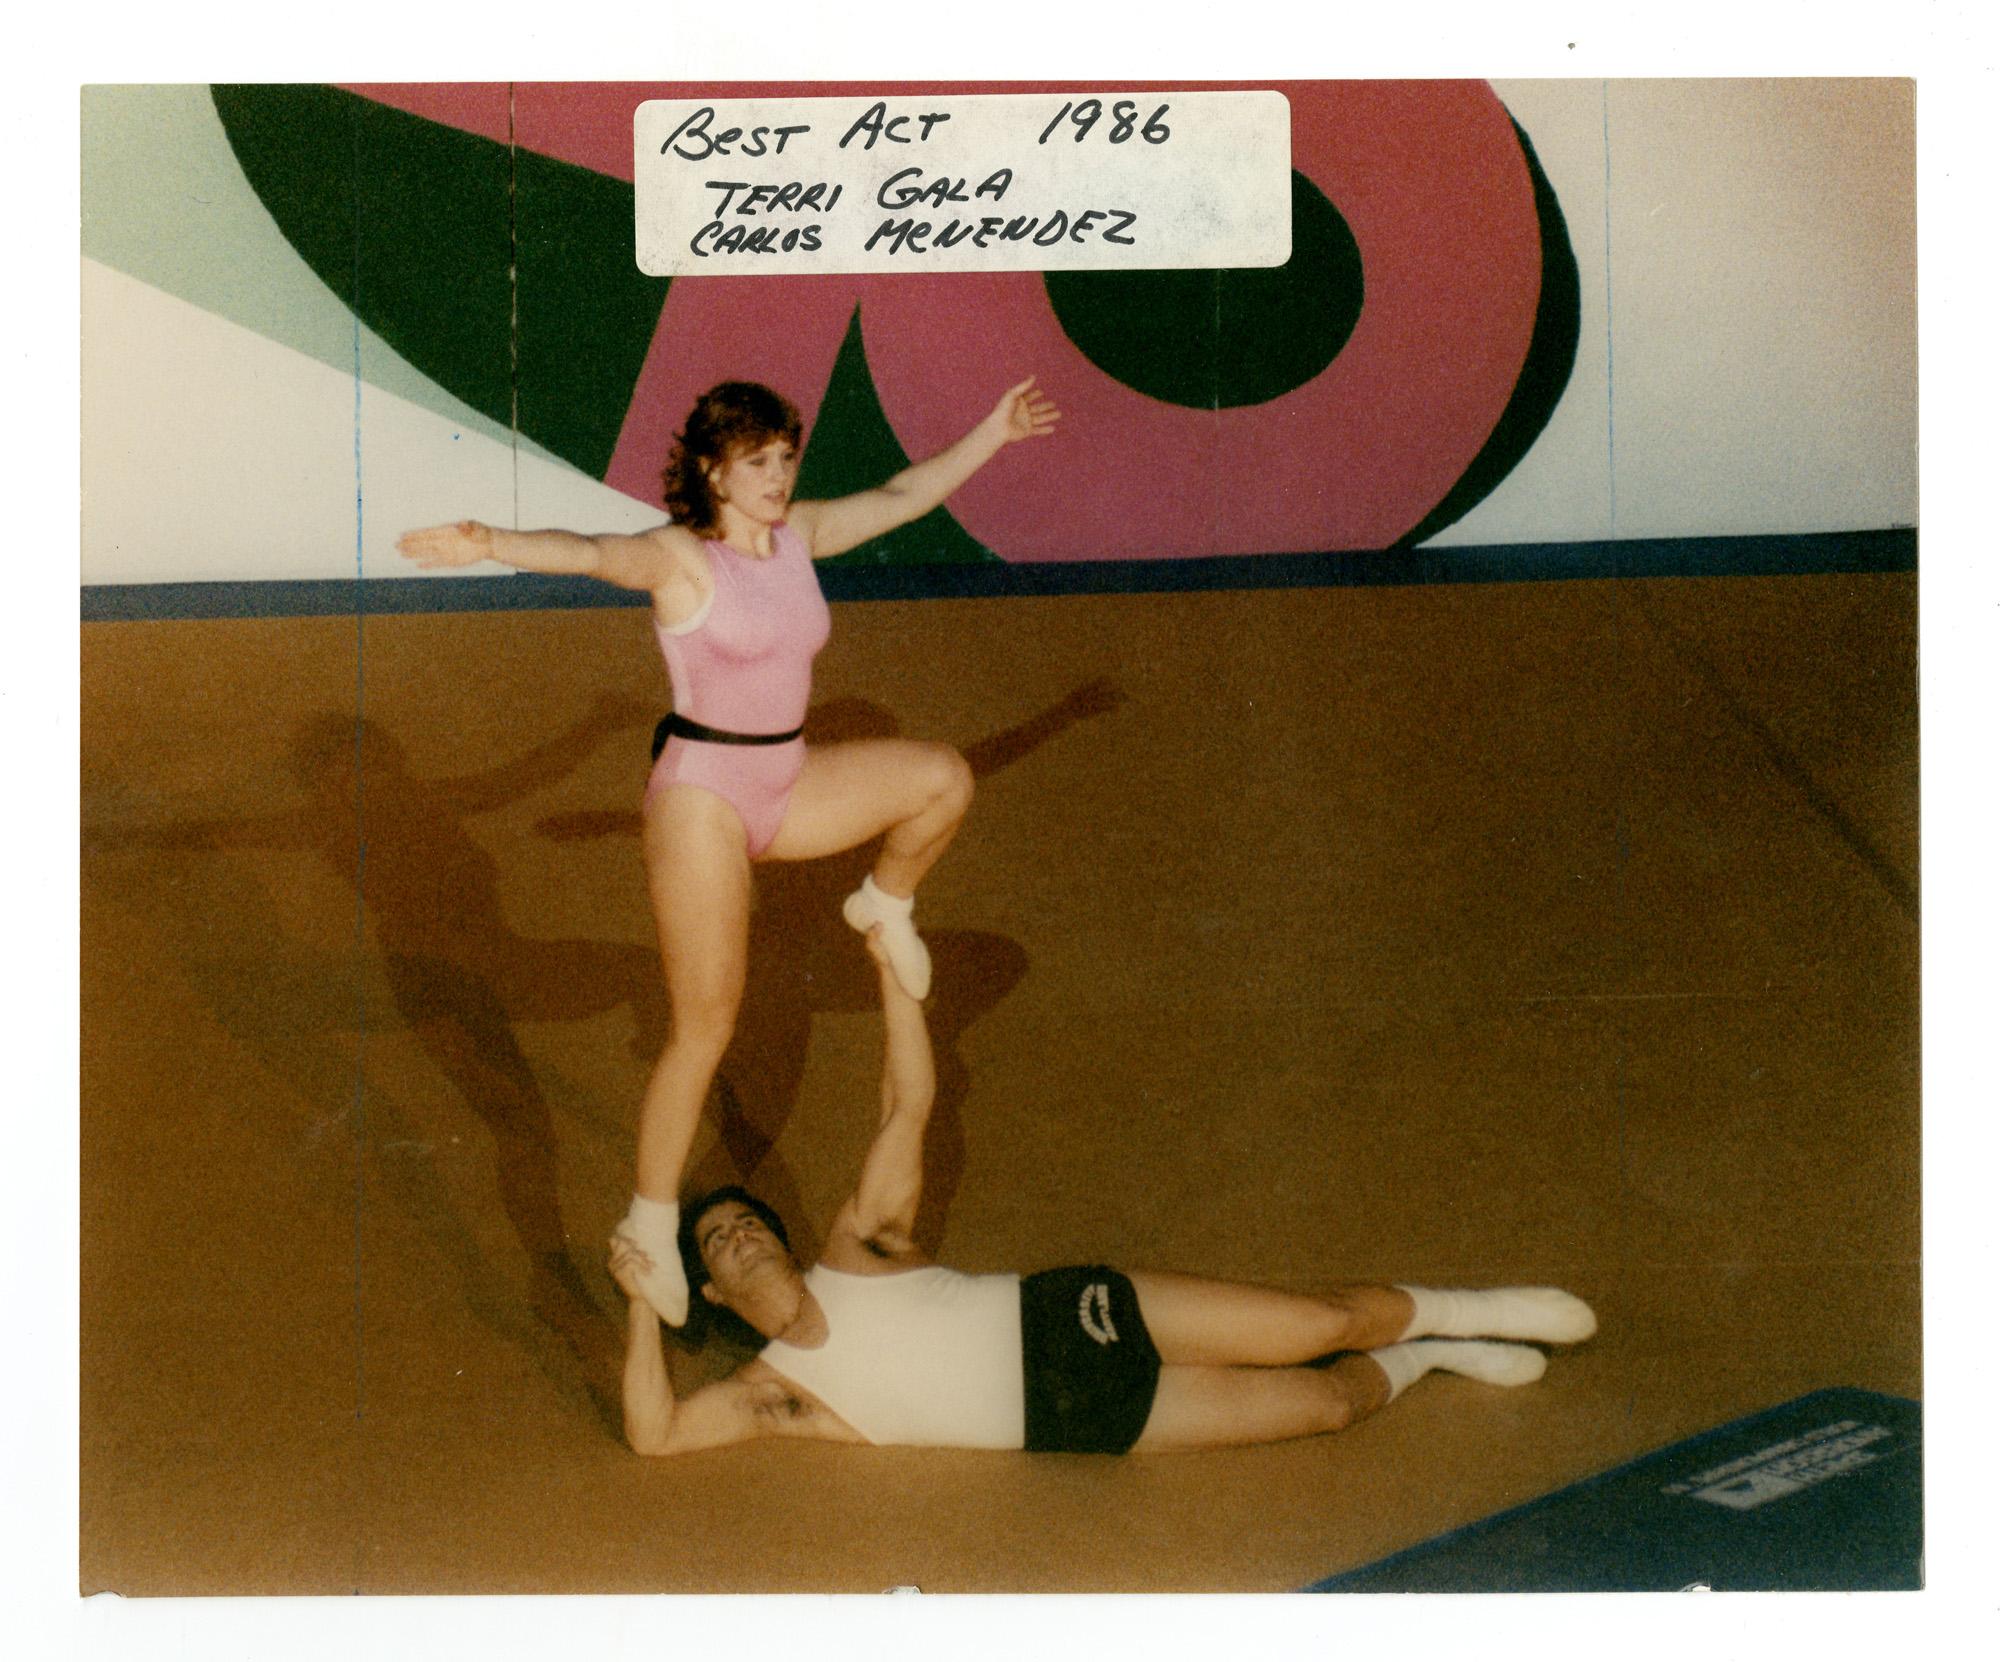 1986 - Mixed Doubles Balancing